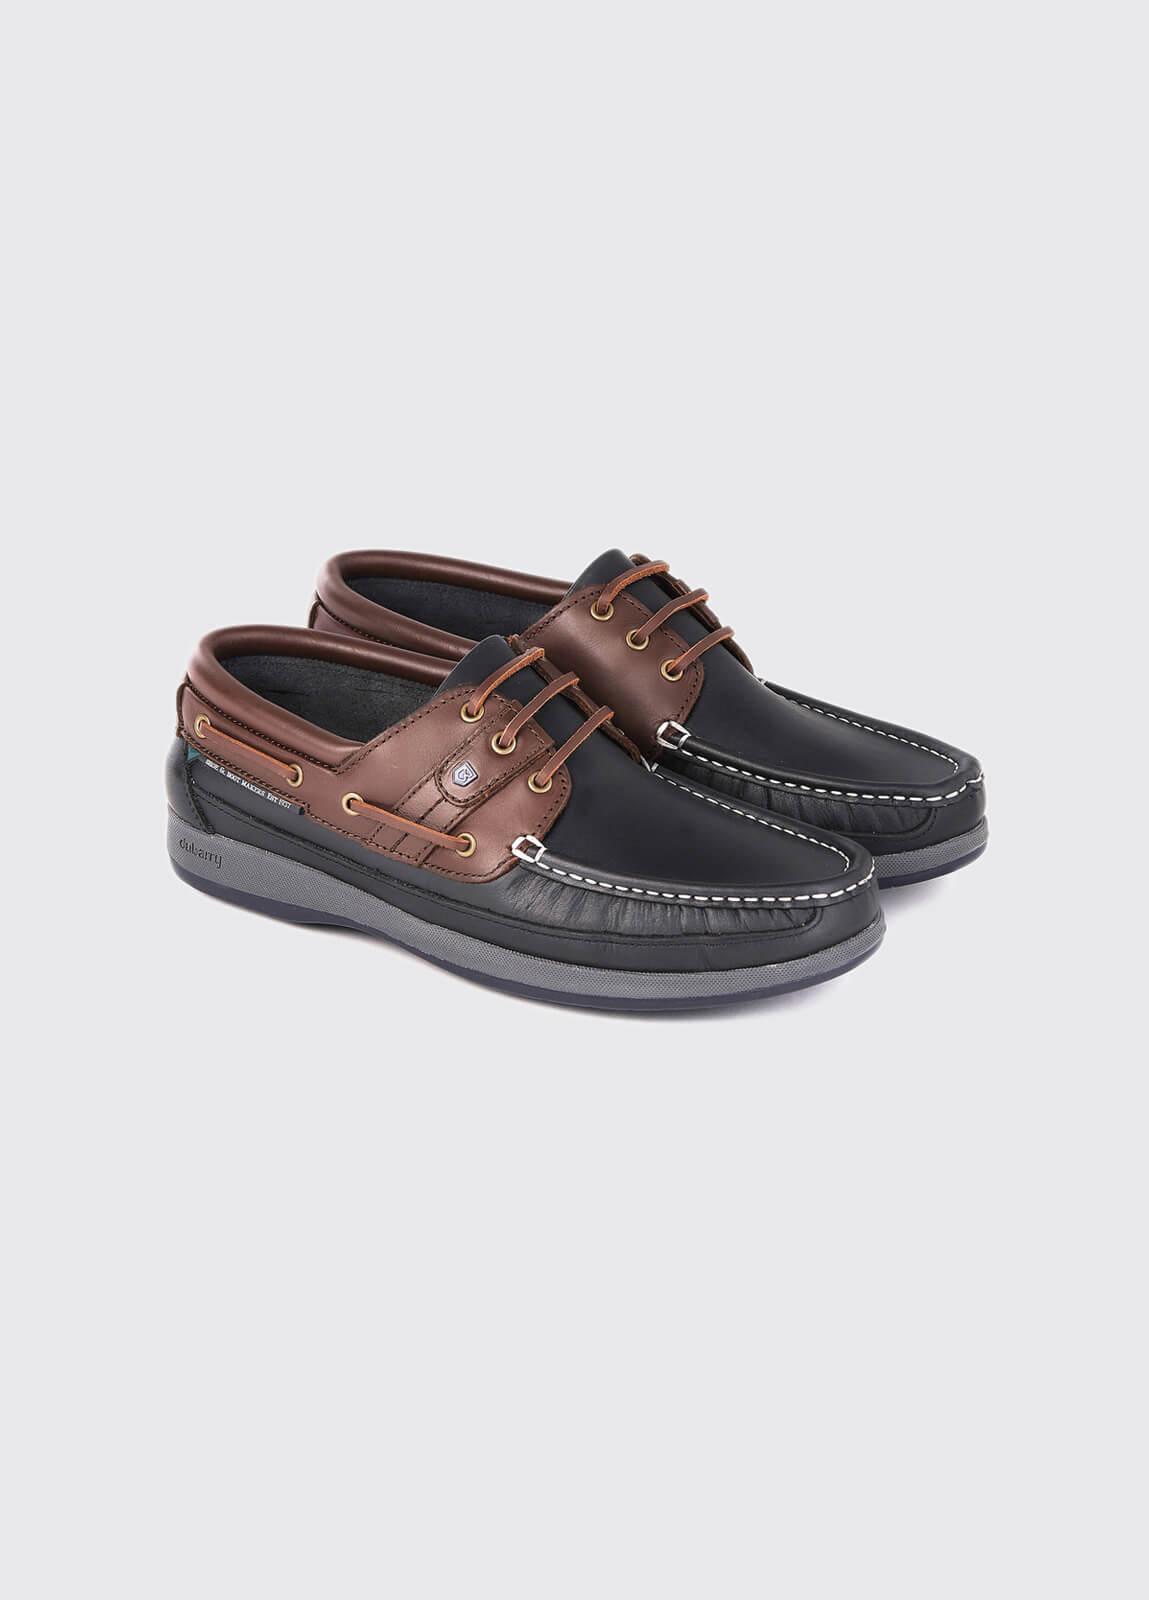 Atlantic Deck Shoe - Navy/Mahogany